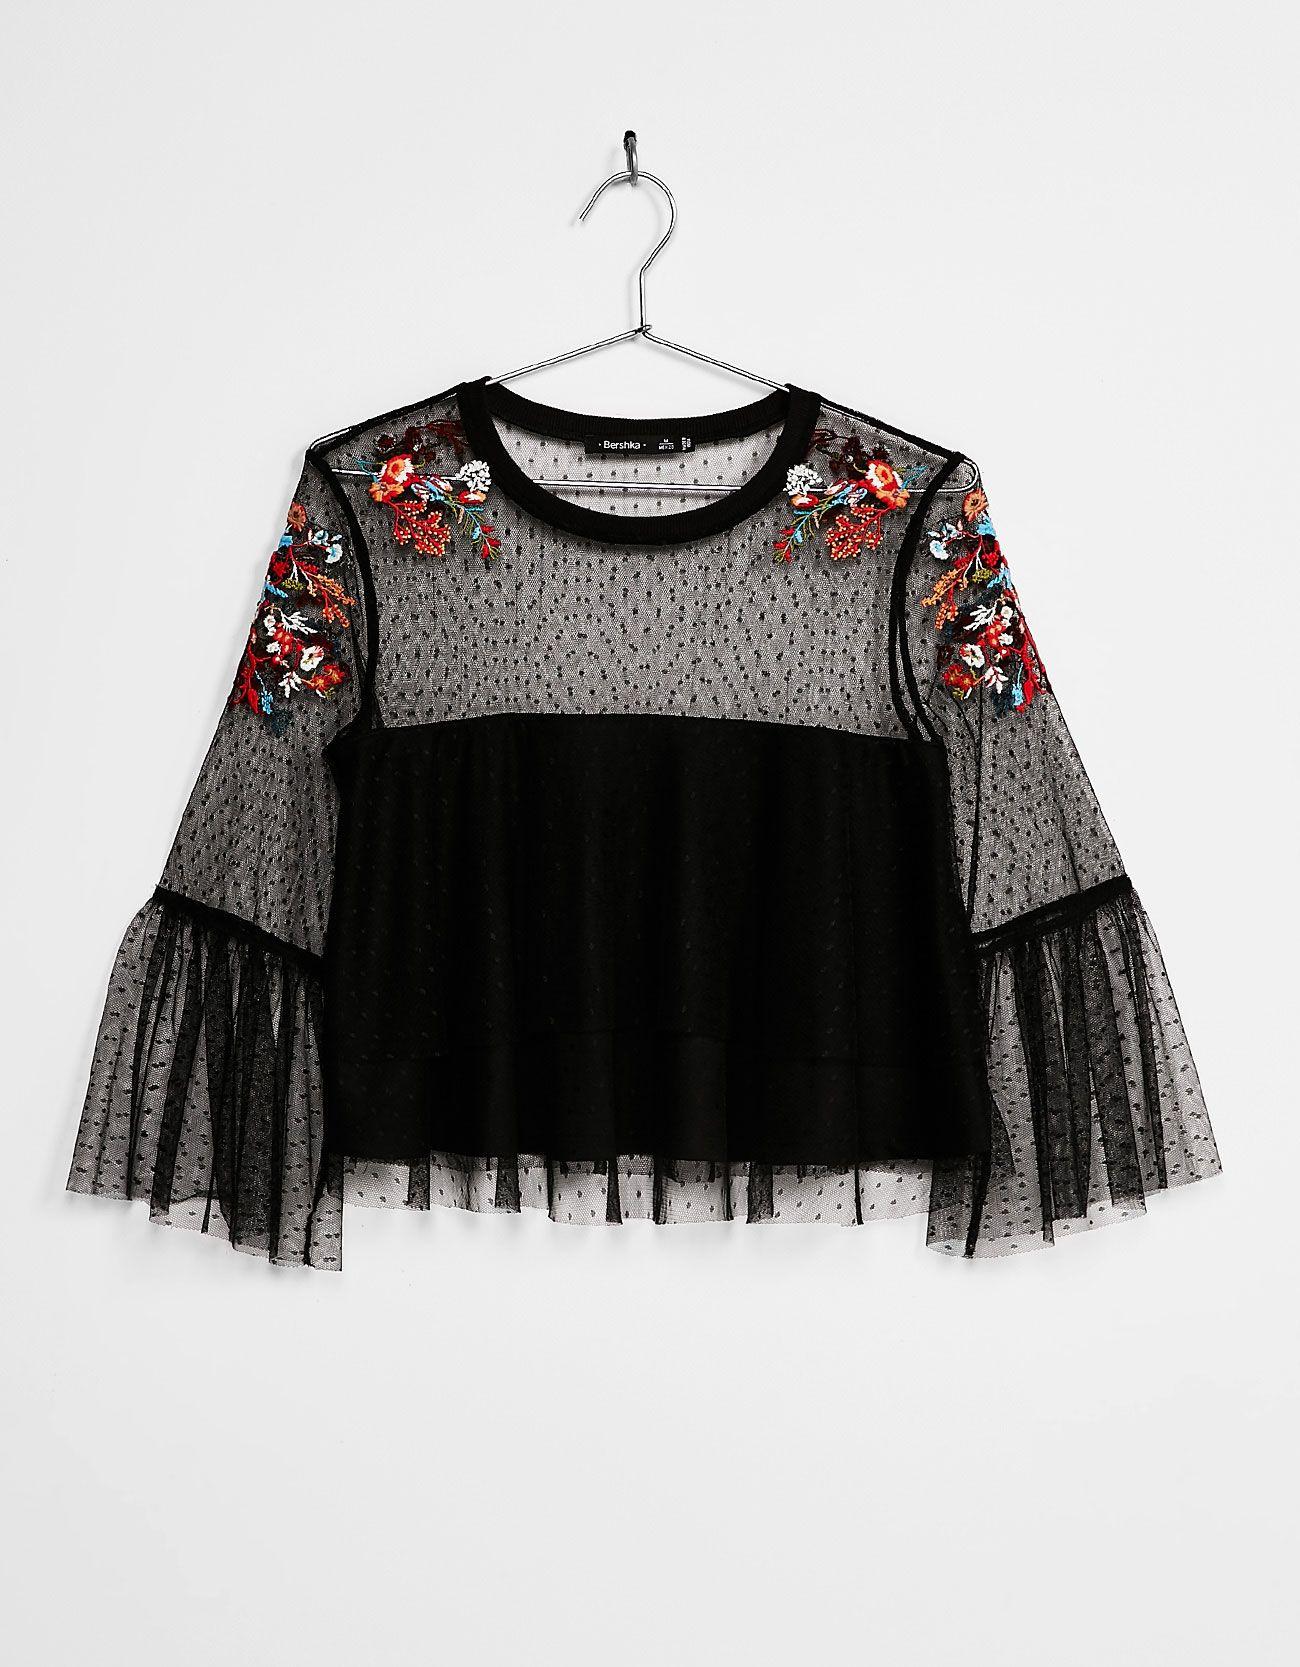 b456ceed48af2 Blusa plumeti flores bordadas. Descubre ésta y muchas otras prendas en  Bershka con nuevos productos cada semana